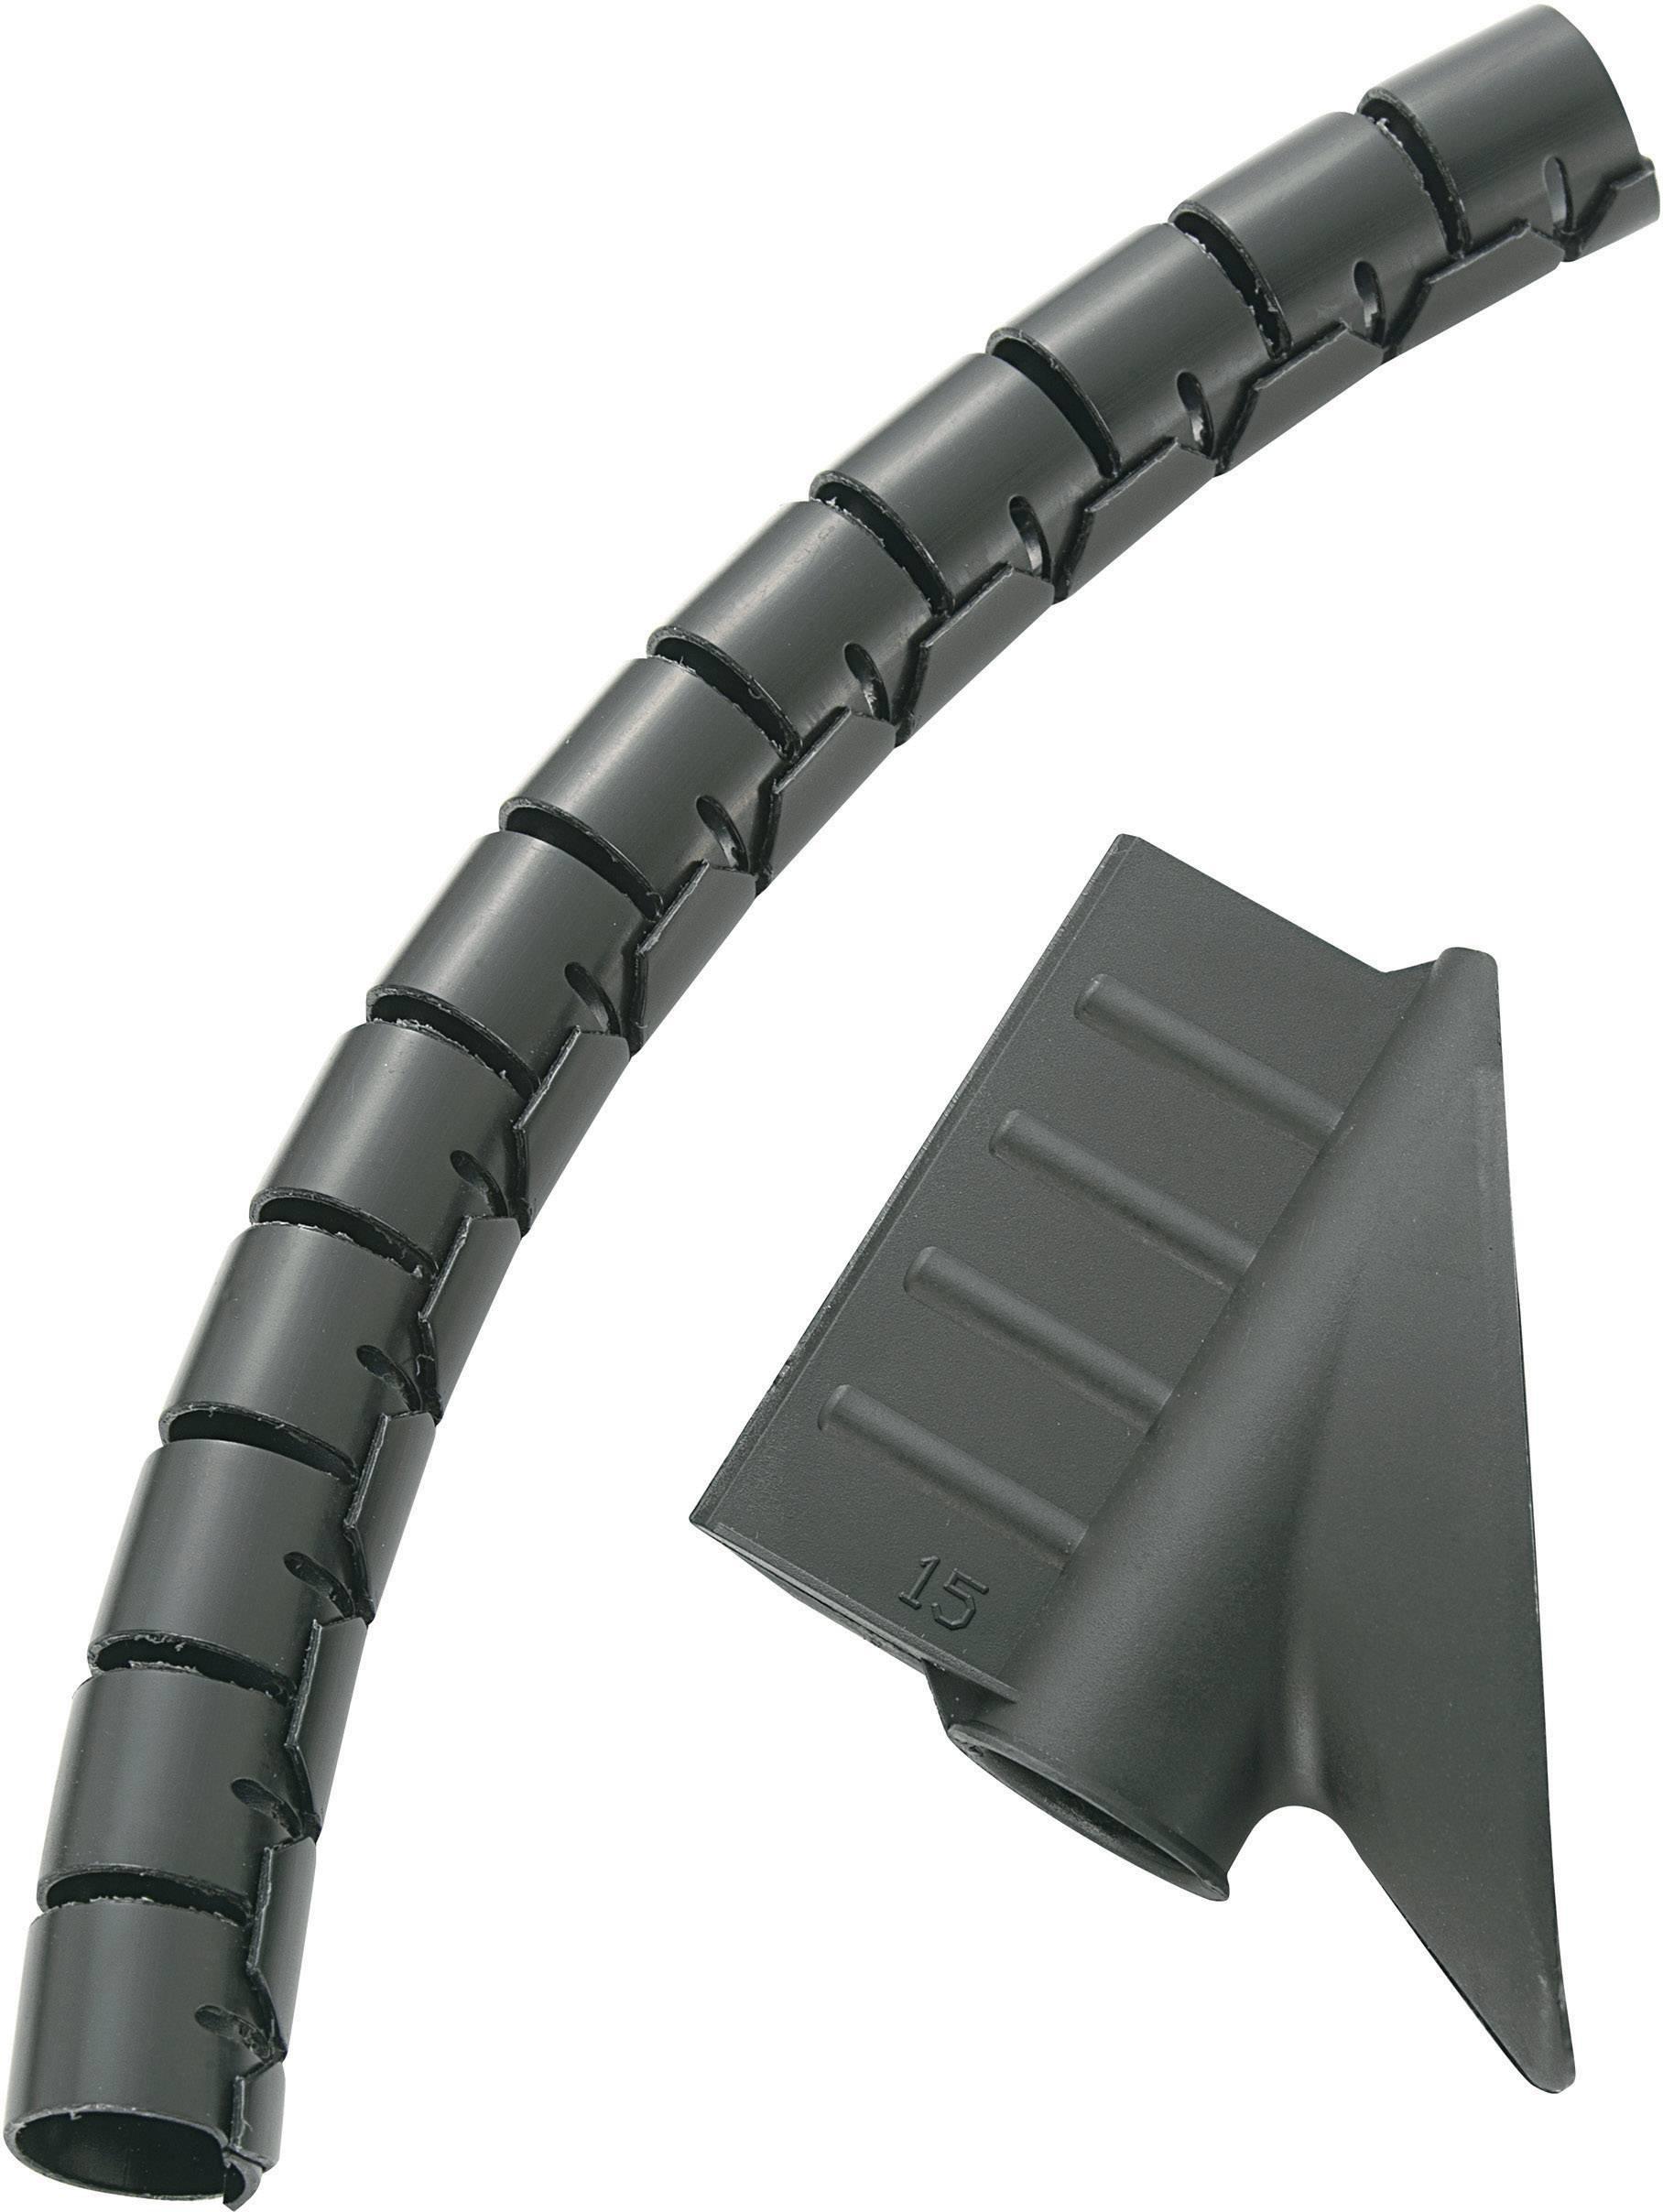 Káblový oplet KSS MX-KLT20BK 545379, čierna, 5 m